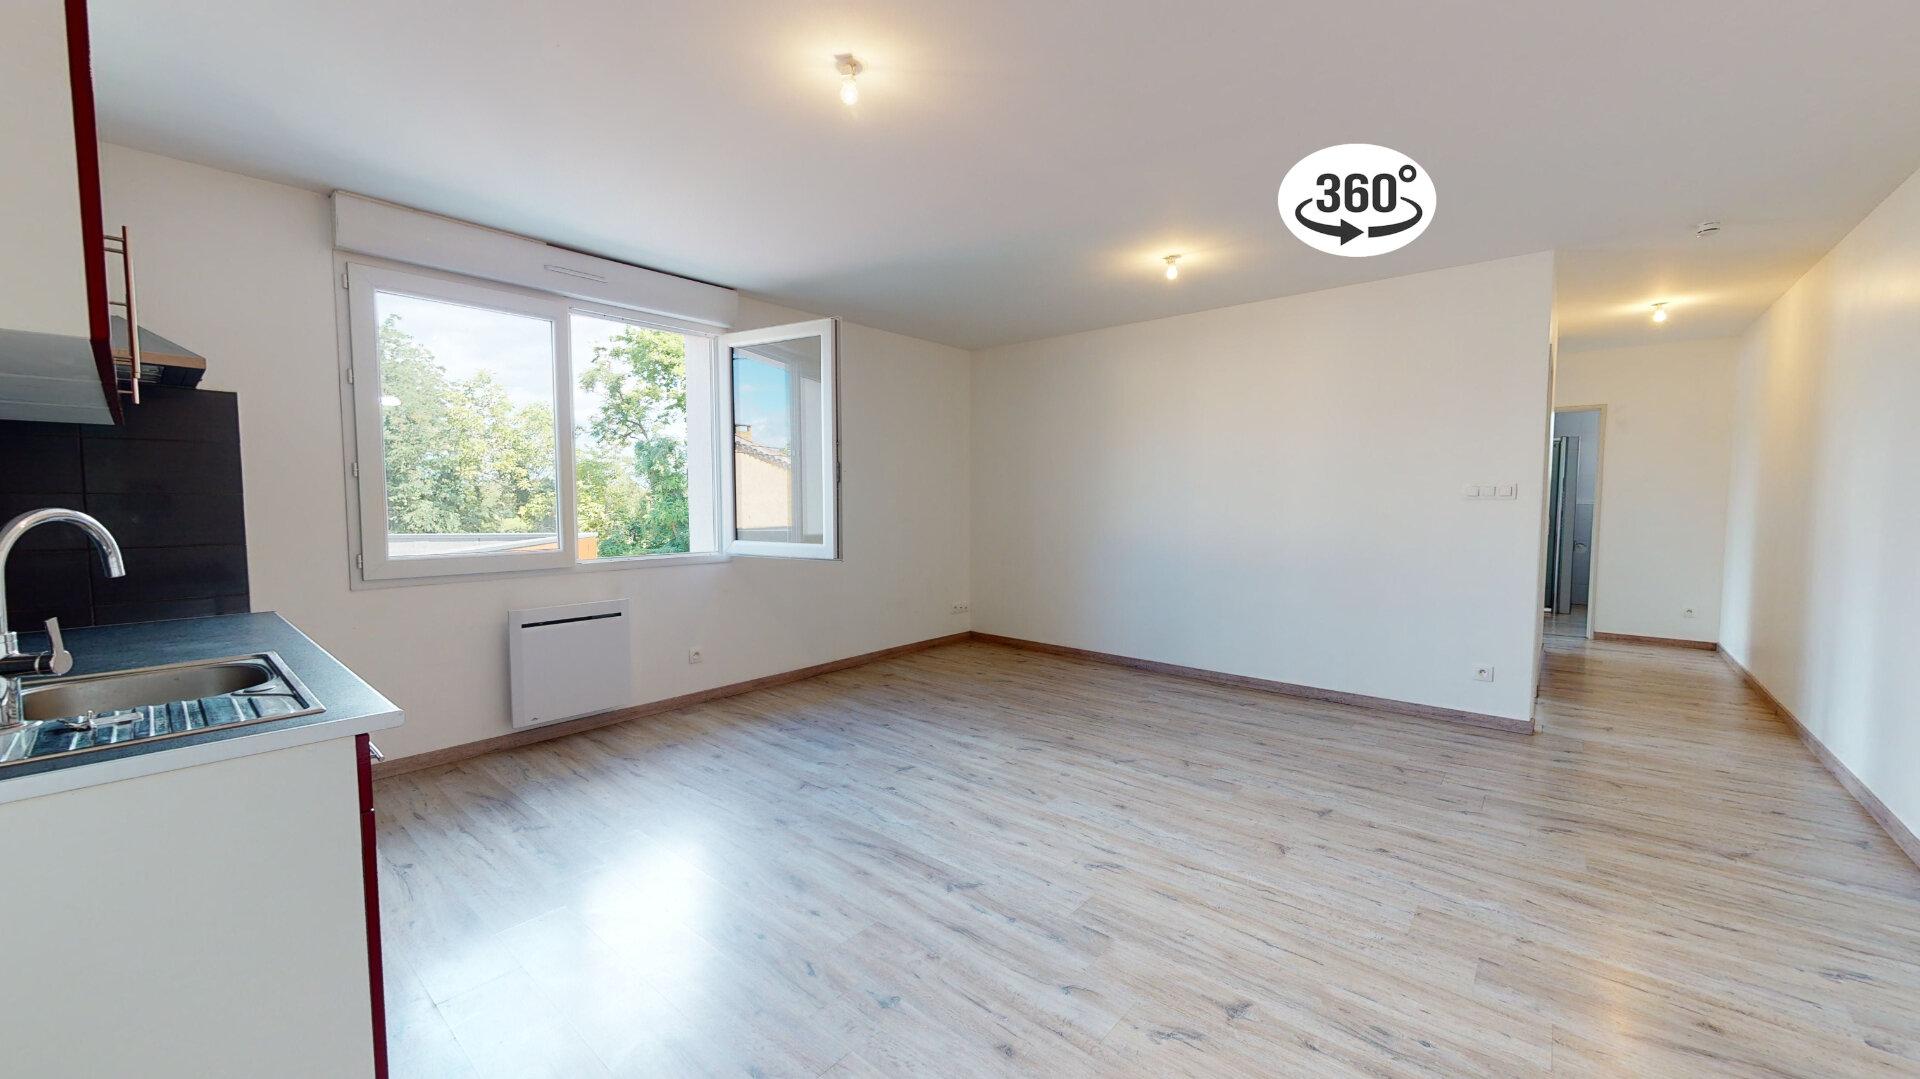 Appartement à louer 3 60m2 à Loriol-sur-Drôme vignette-1